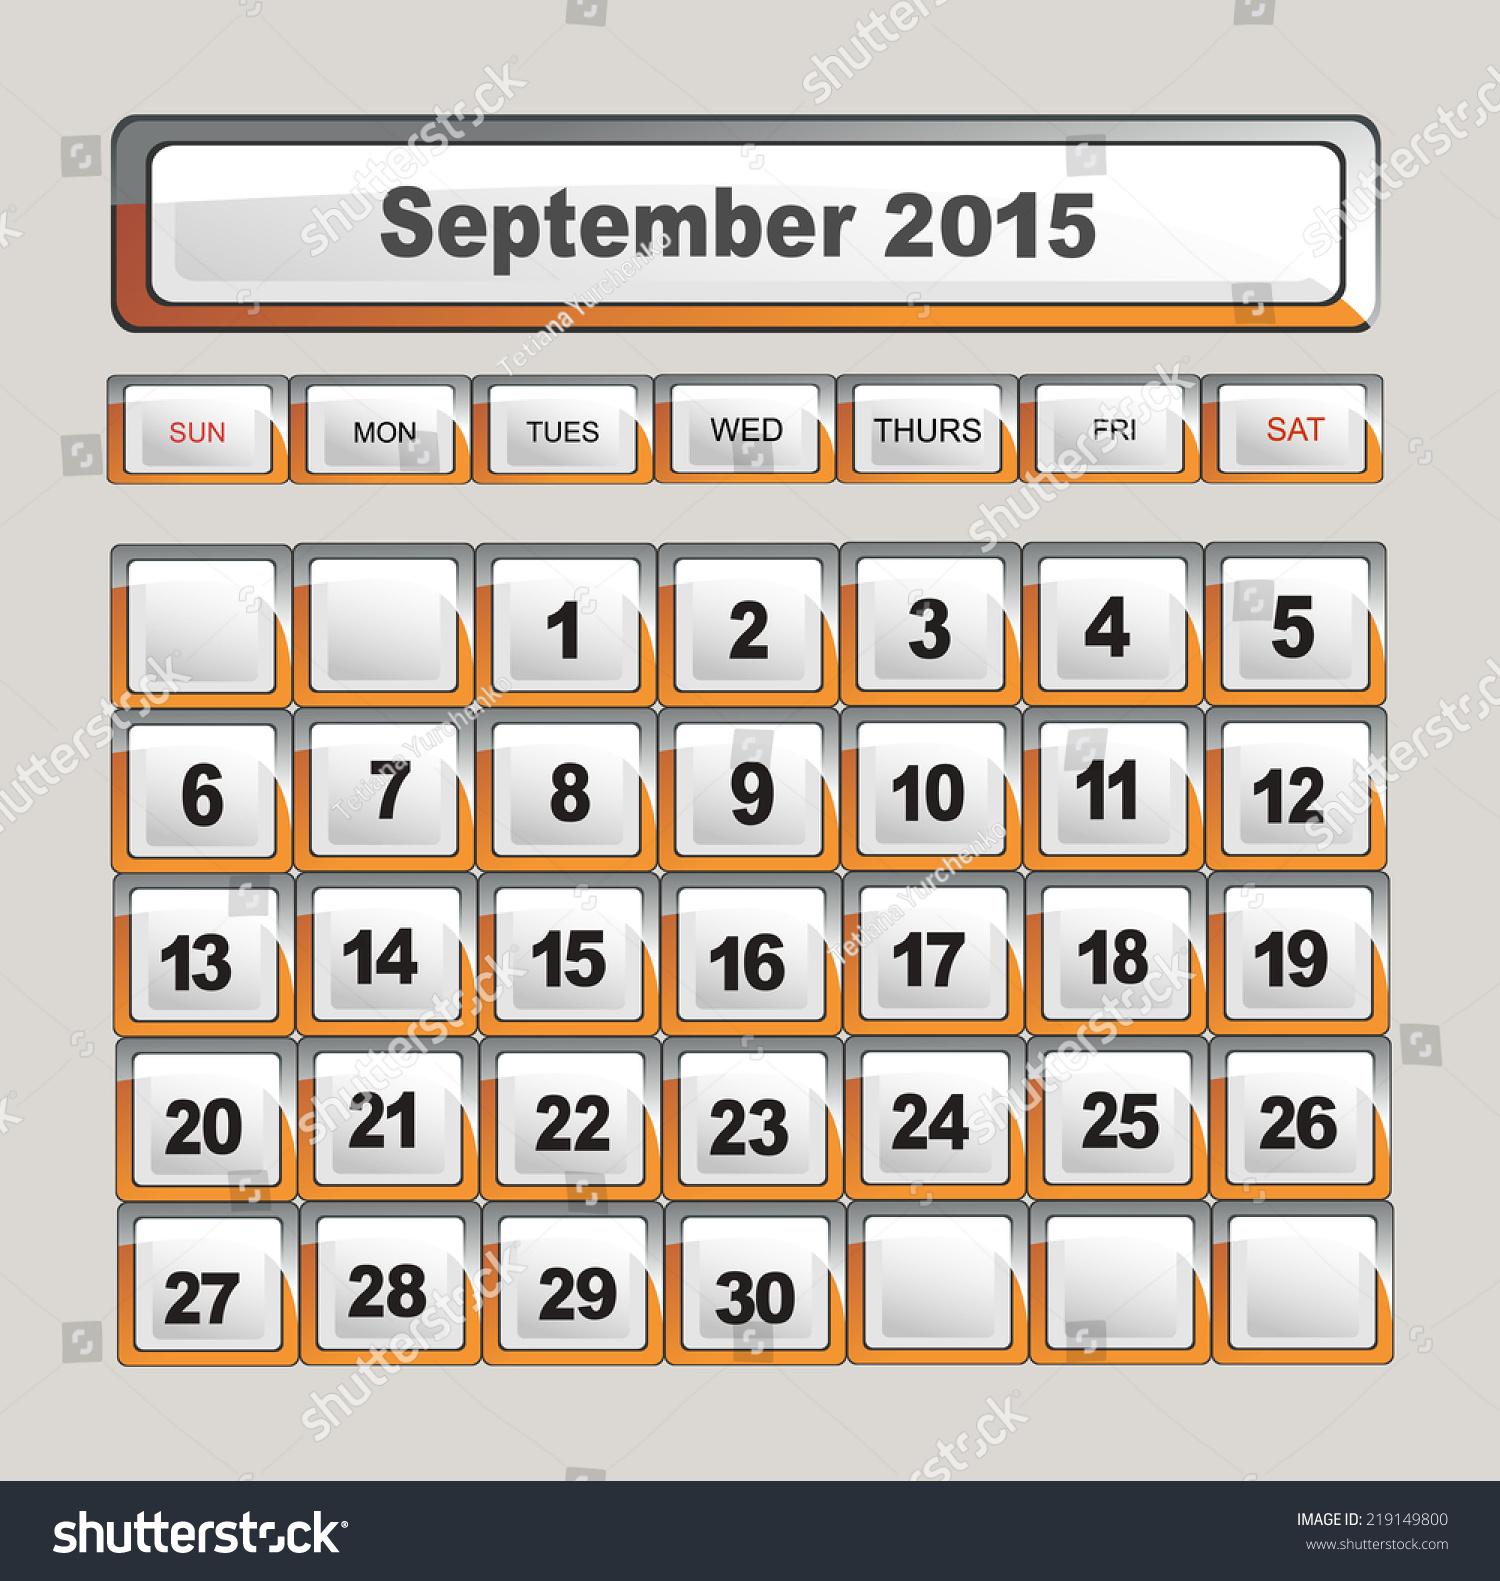 september 2015 calendar template